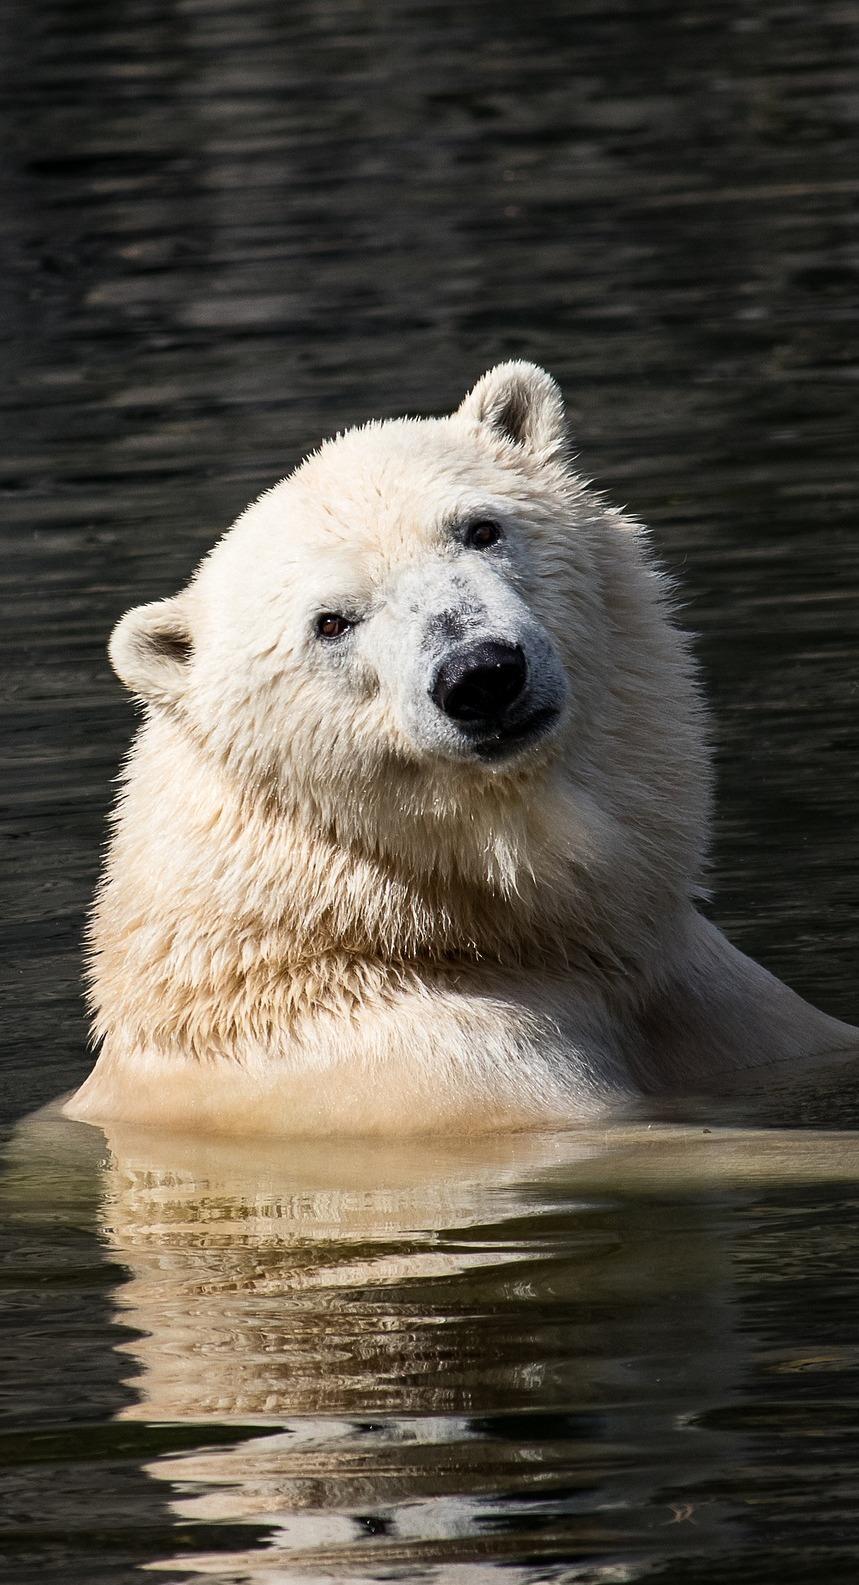 A polar bear in the water.